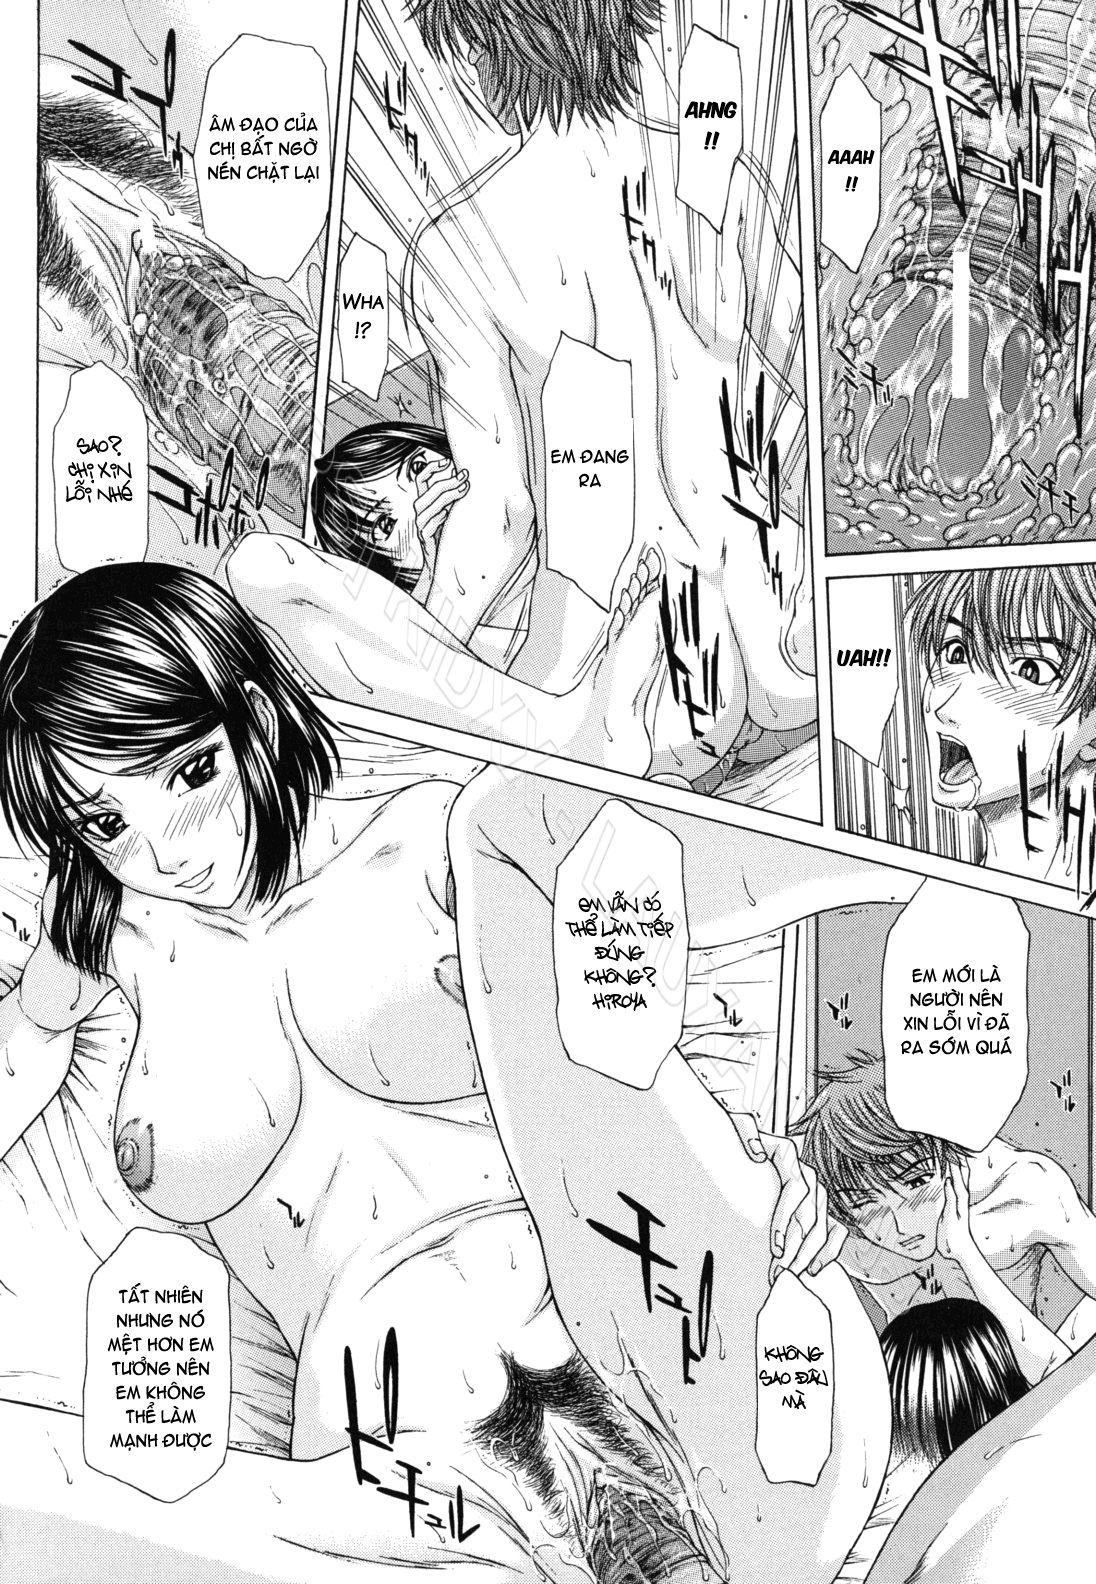 Hình ảnh nudity www.hentairules.net 165%2Bcopy in Nong lồn em ra đi anh